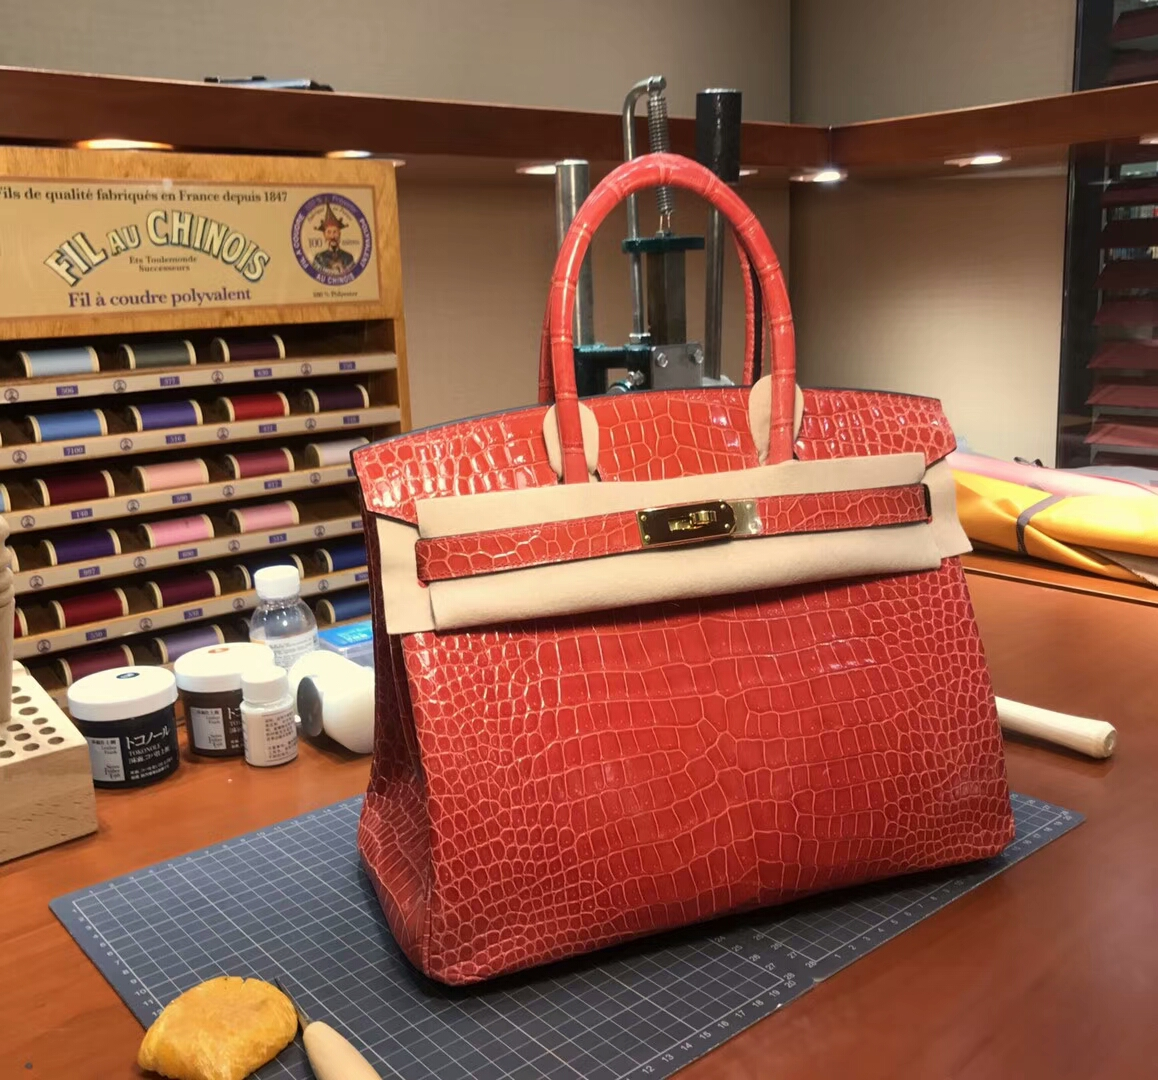 爱马仕 HERMES 铂金包 Birkin 配全套专柜原版包装 全球发售 8VOrangePoppy罂粟橘橘红色